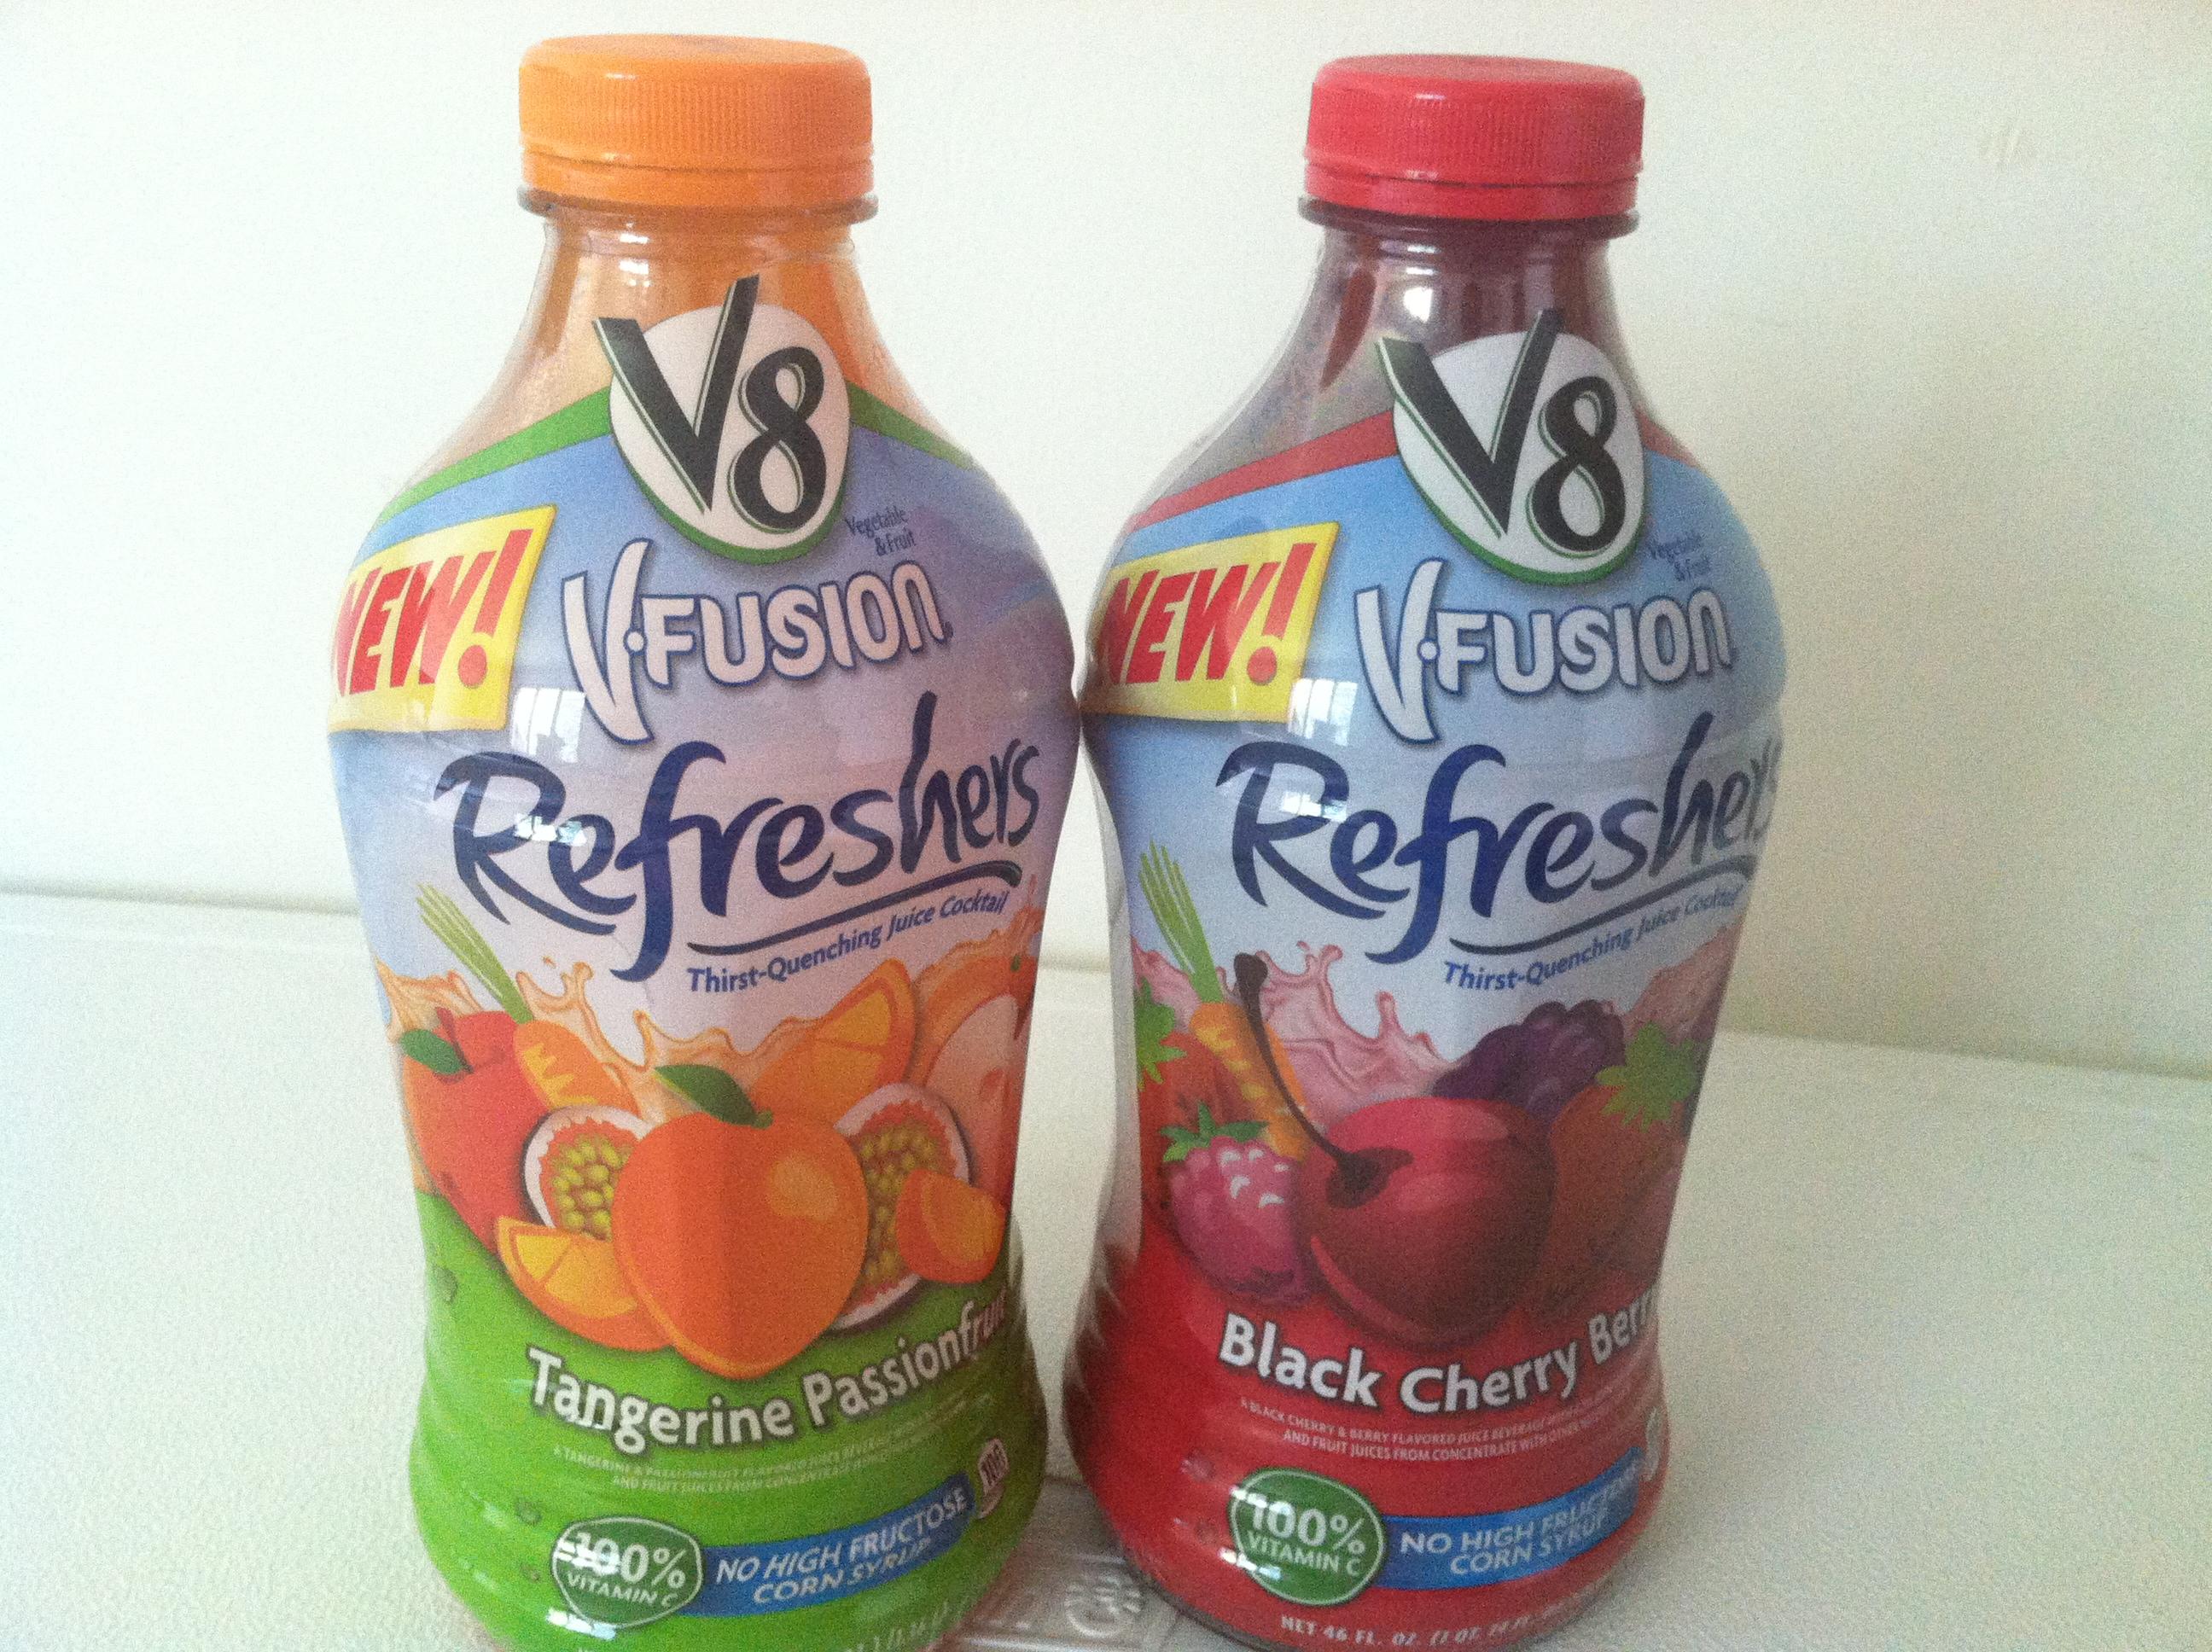 V8 Vfusion Refreshers